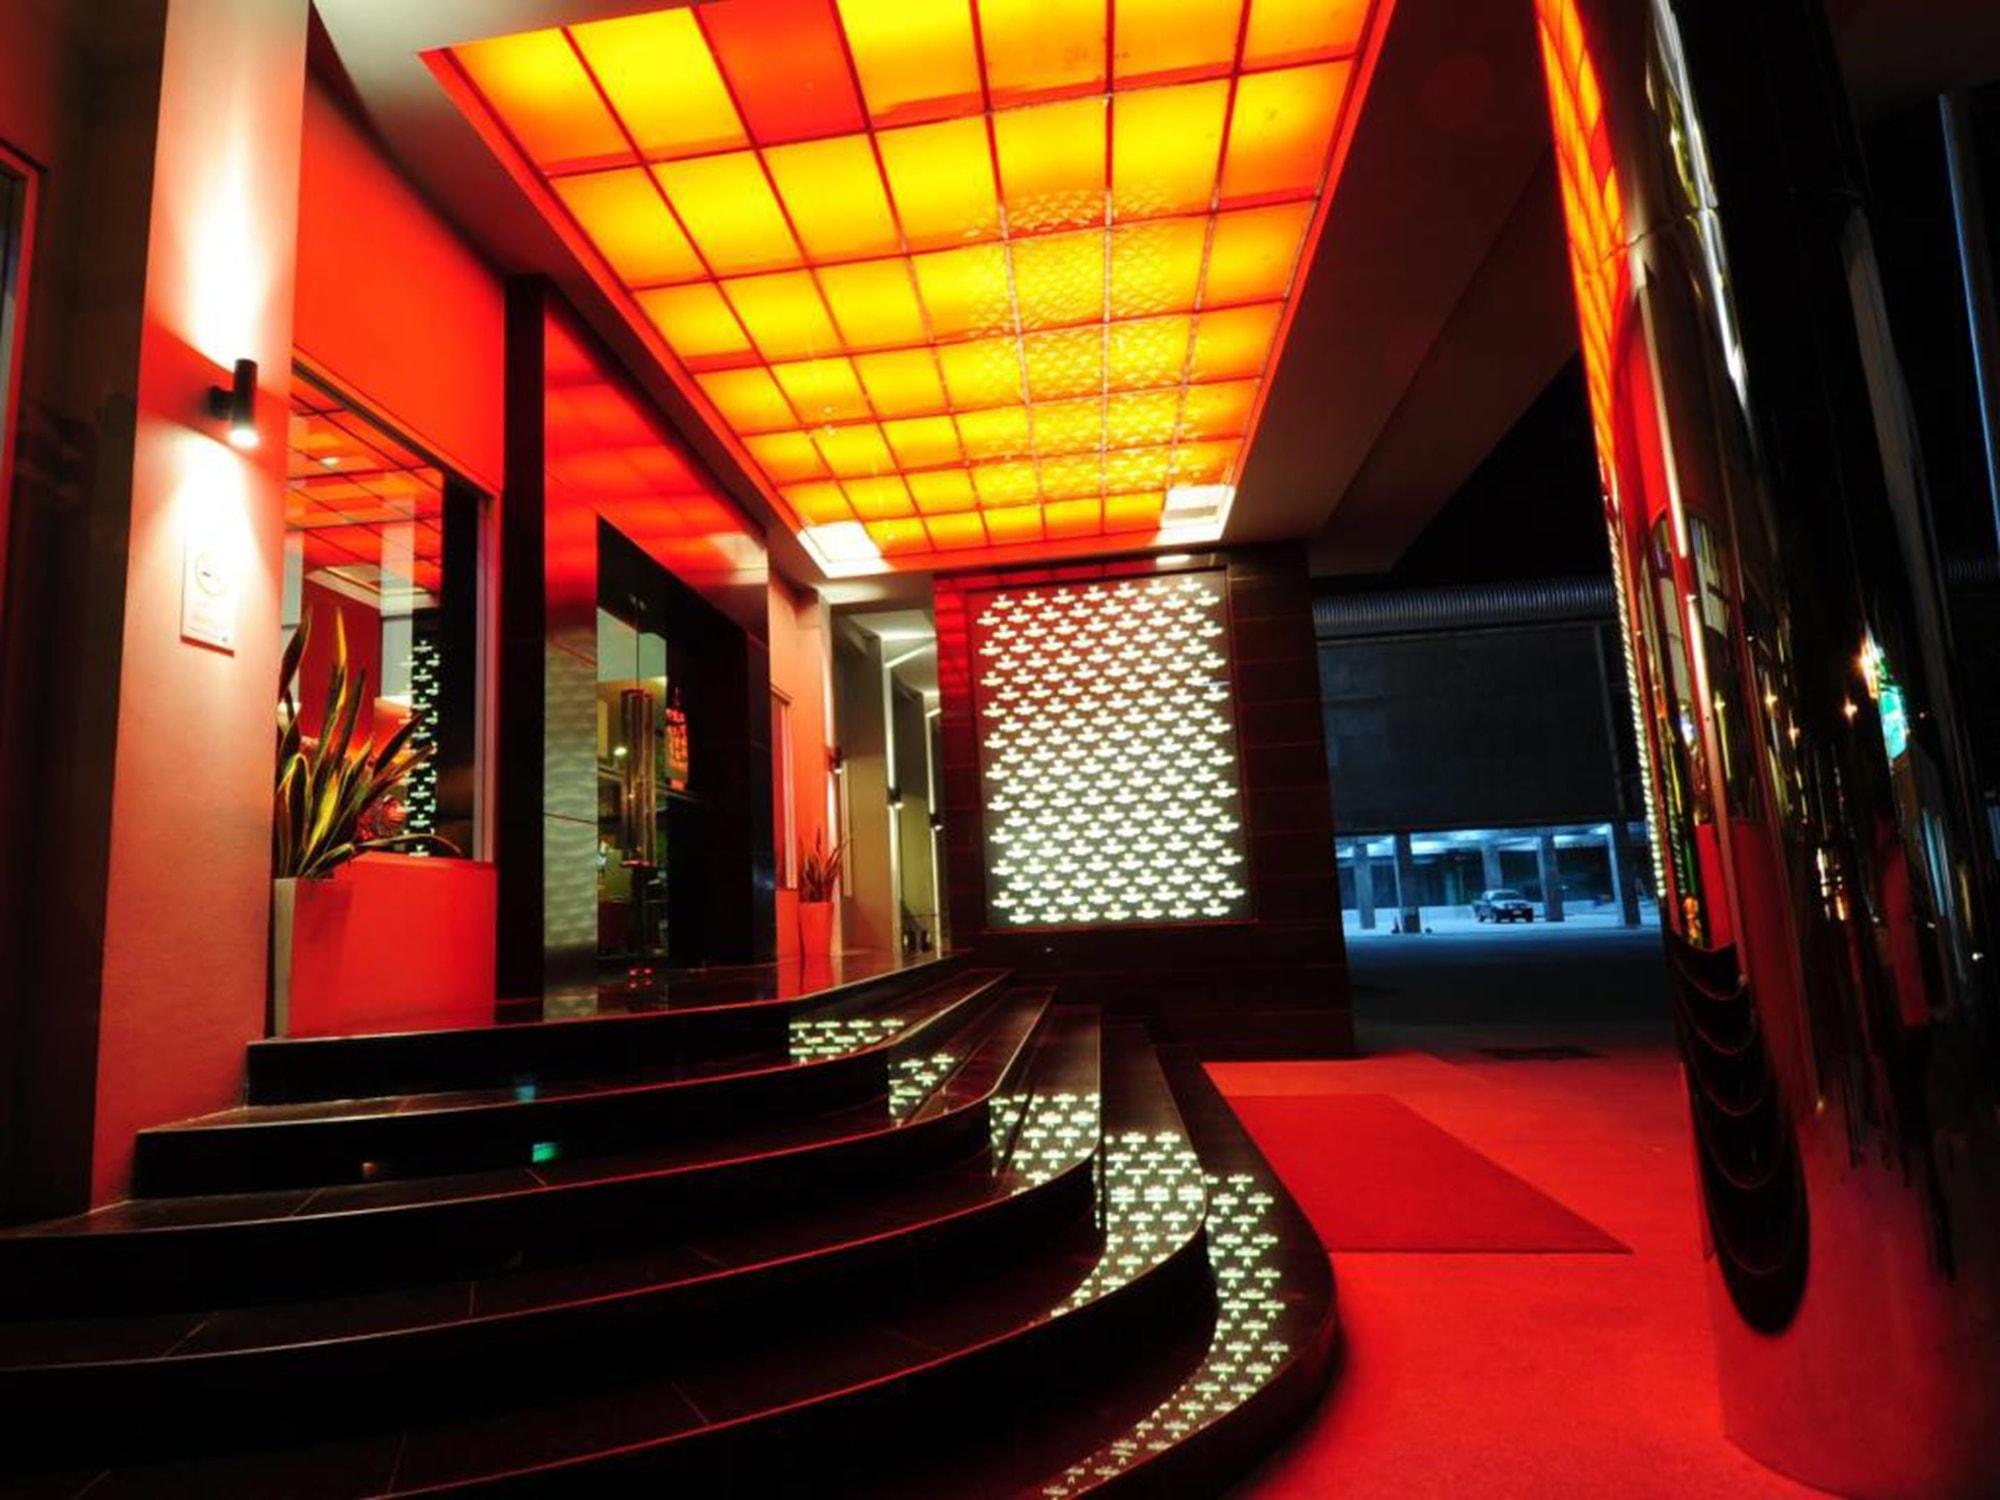 Vasidtee City Hotel, Muang Suphanburi